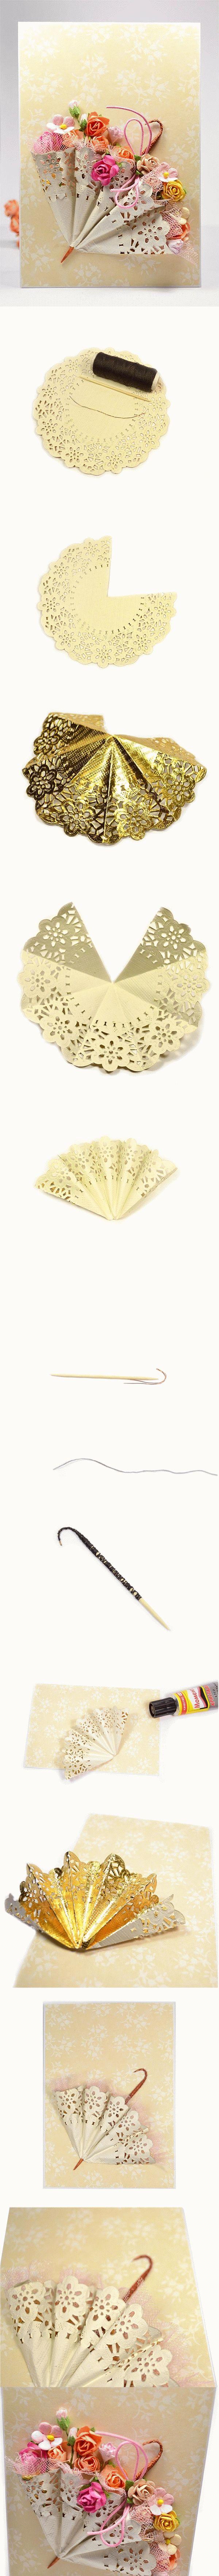 DIY Cute Mini Umbrella with Paper Doily | anyák napjára | Pinterest ...